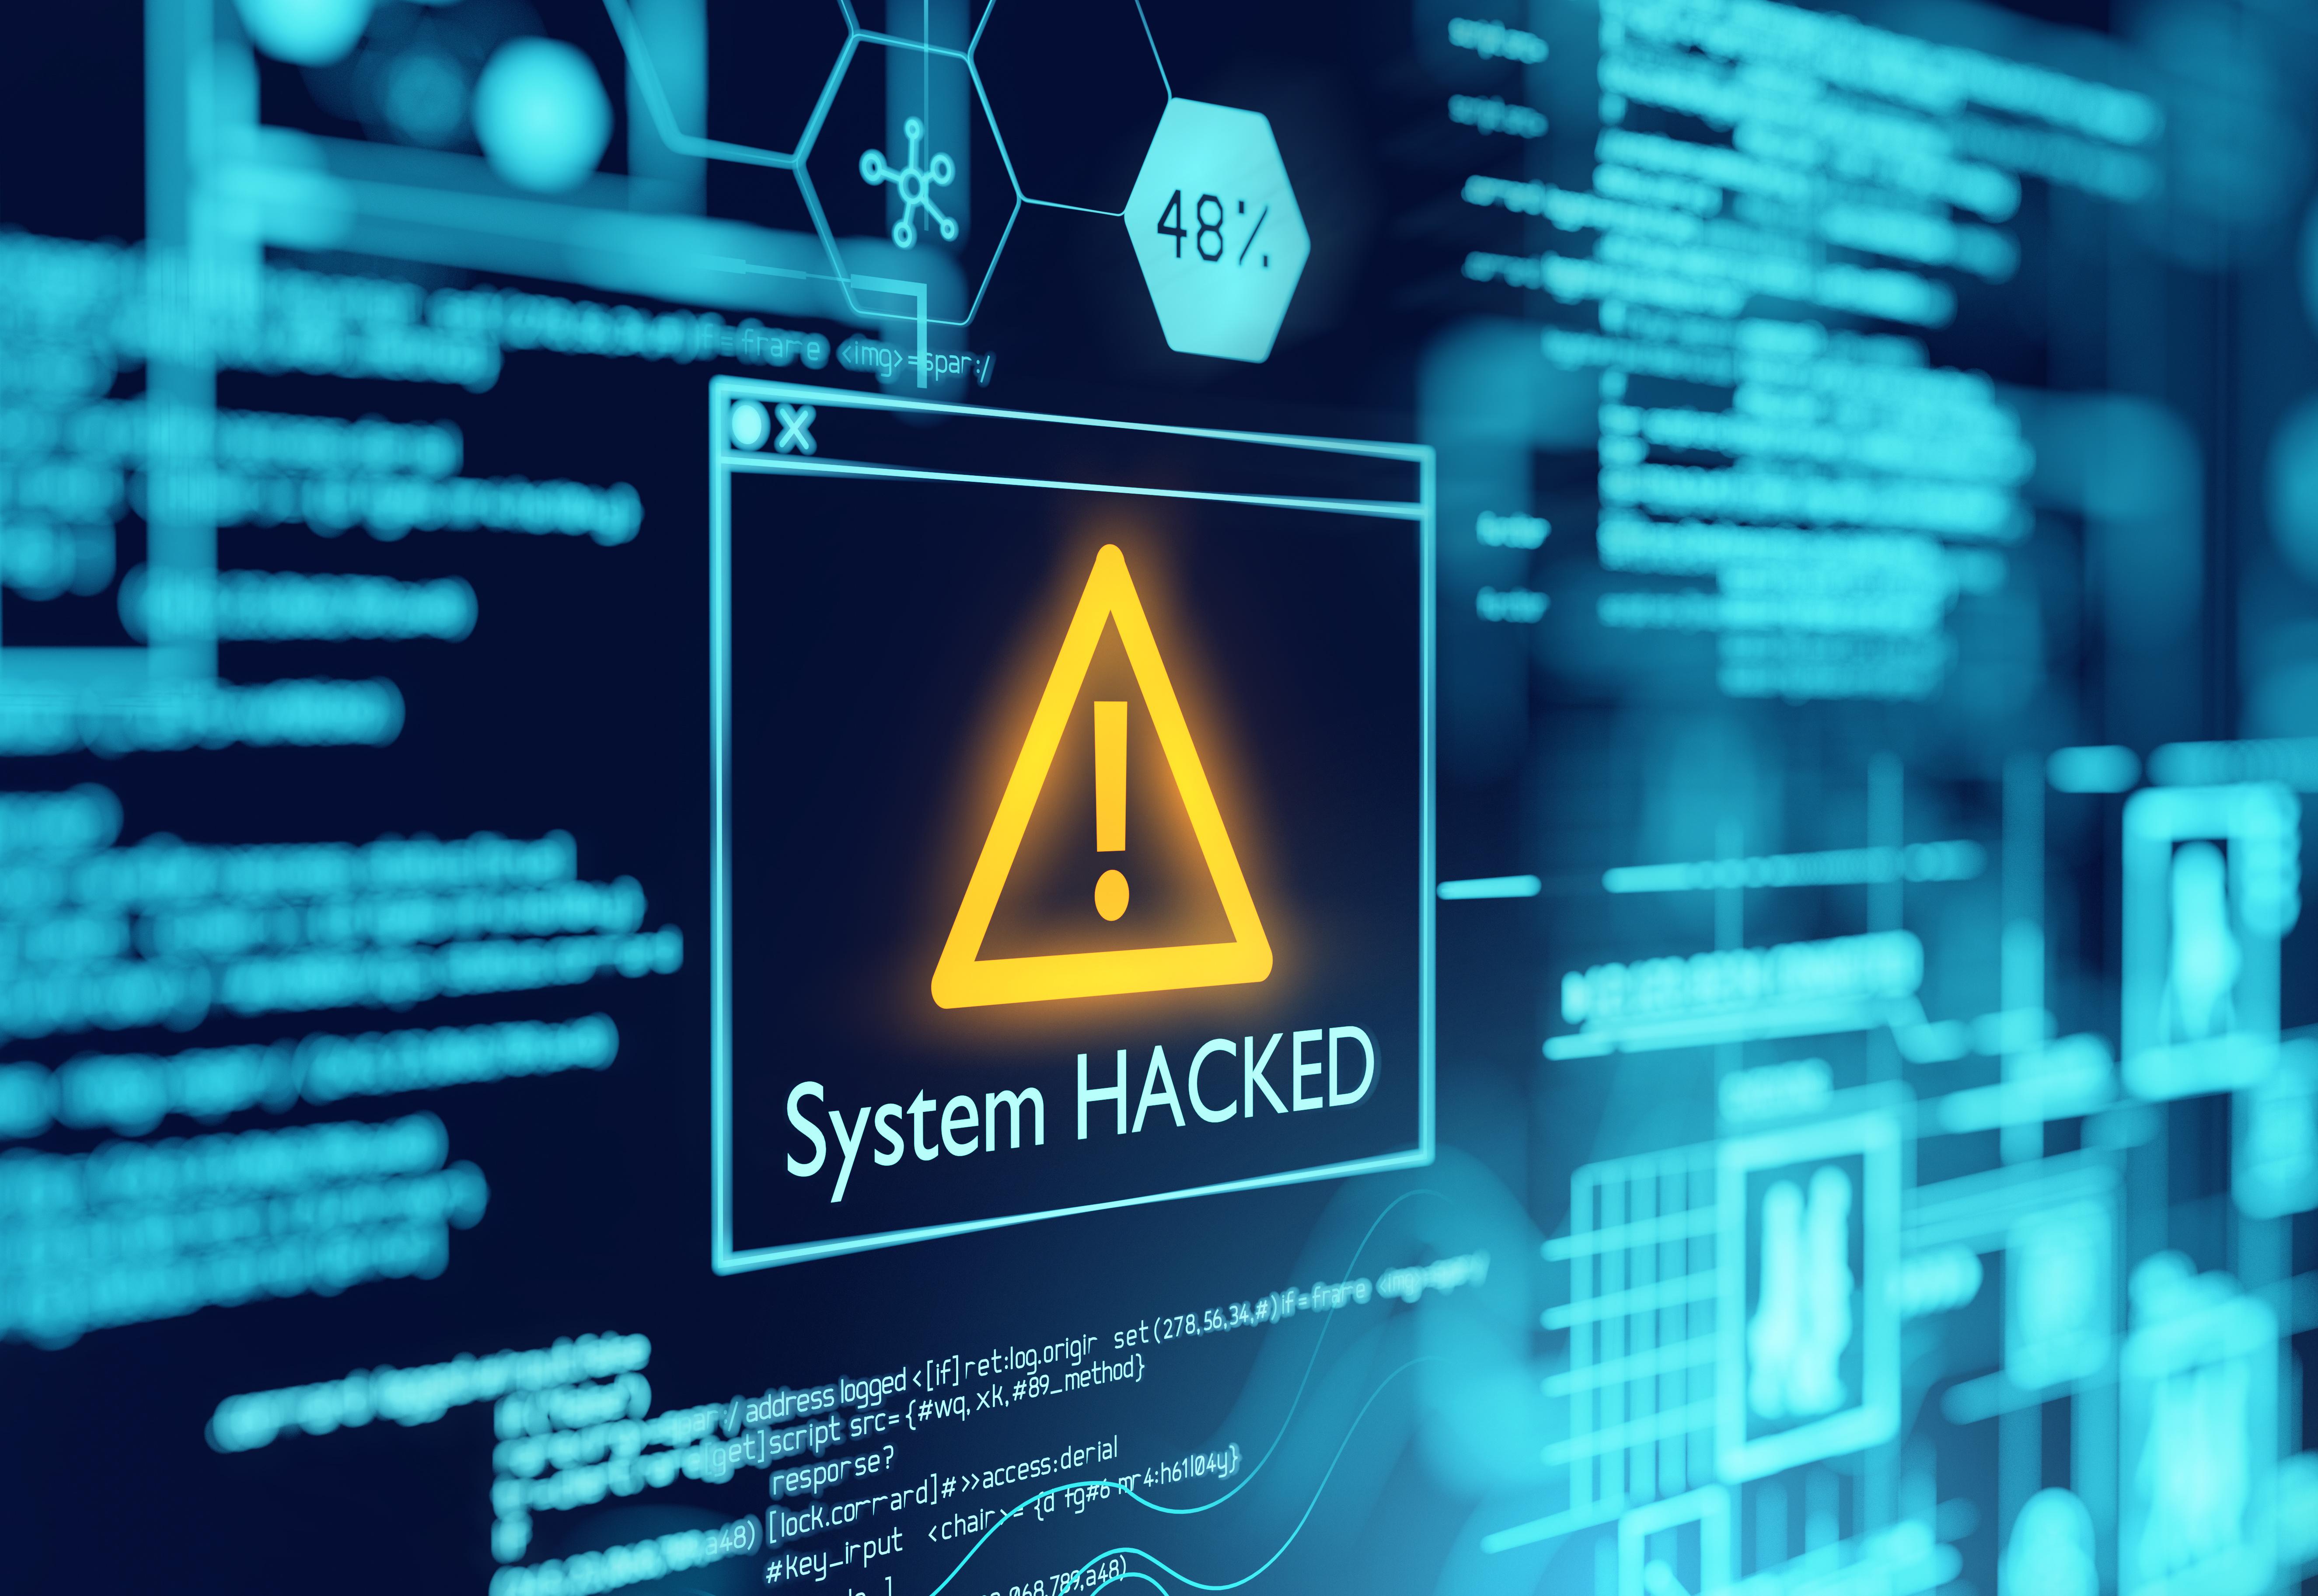 Hva skjer med stjålne data?